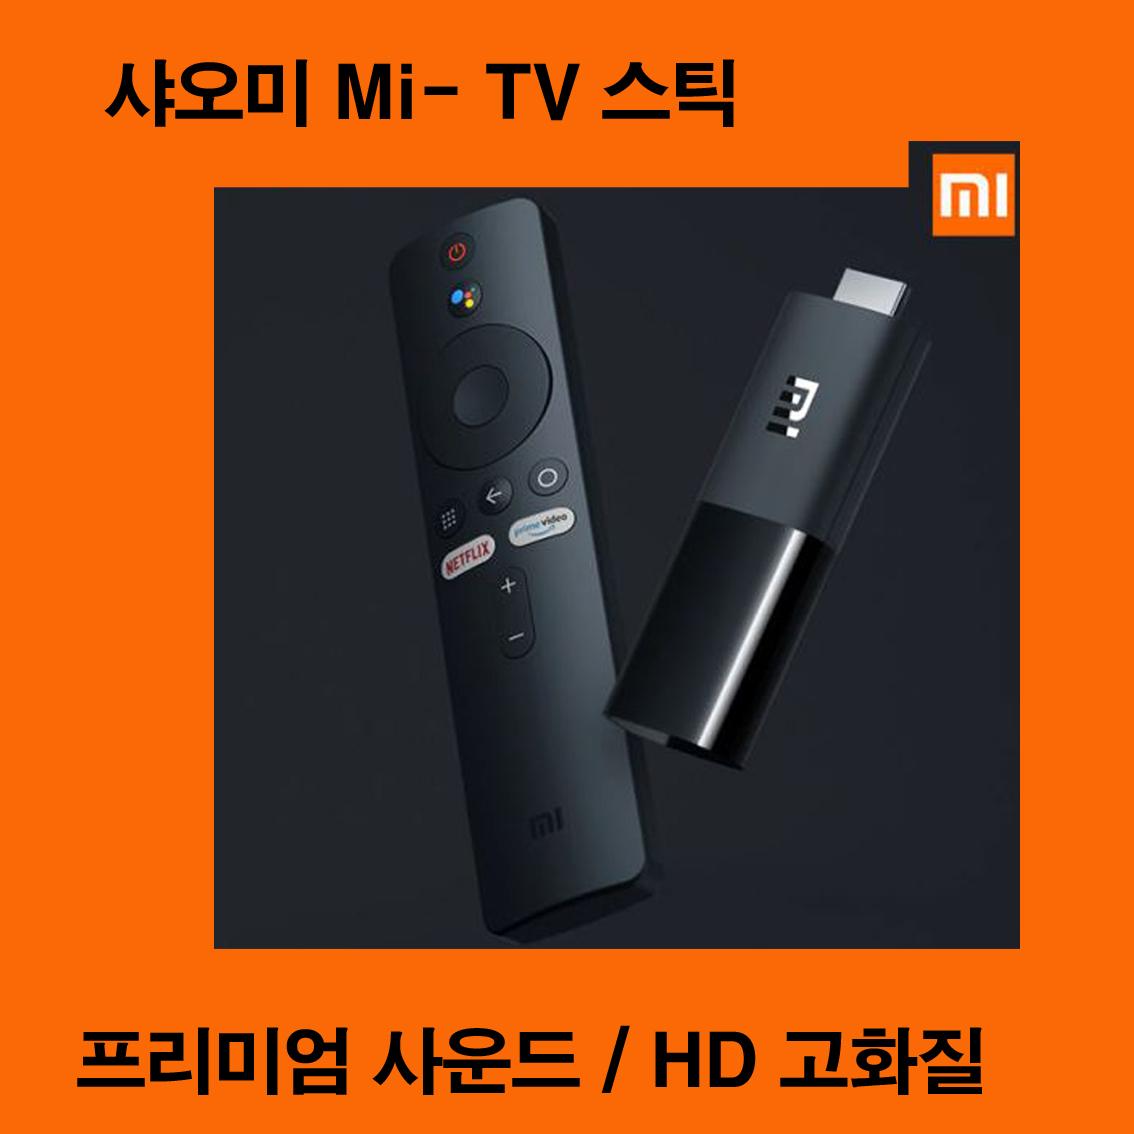 샤오미 mi tv 스틱 미스틱 미tv 넷플릭스 웨이브 안드로이드 셋탑 셋톱 미 Stick